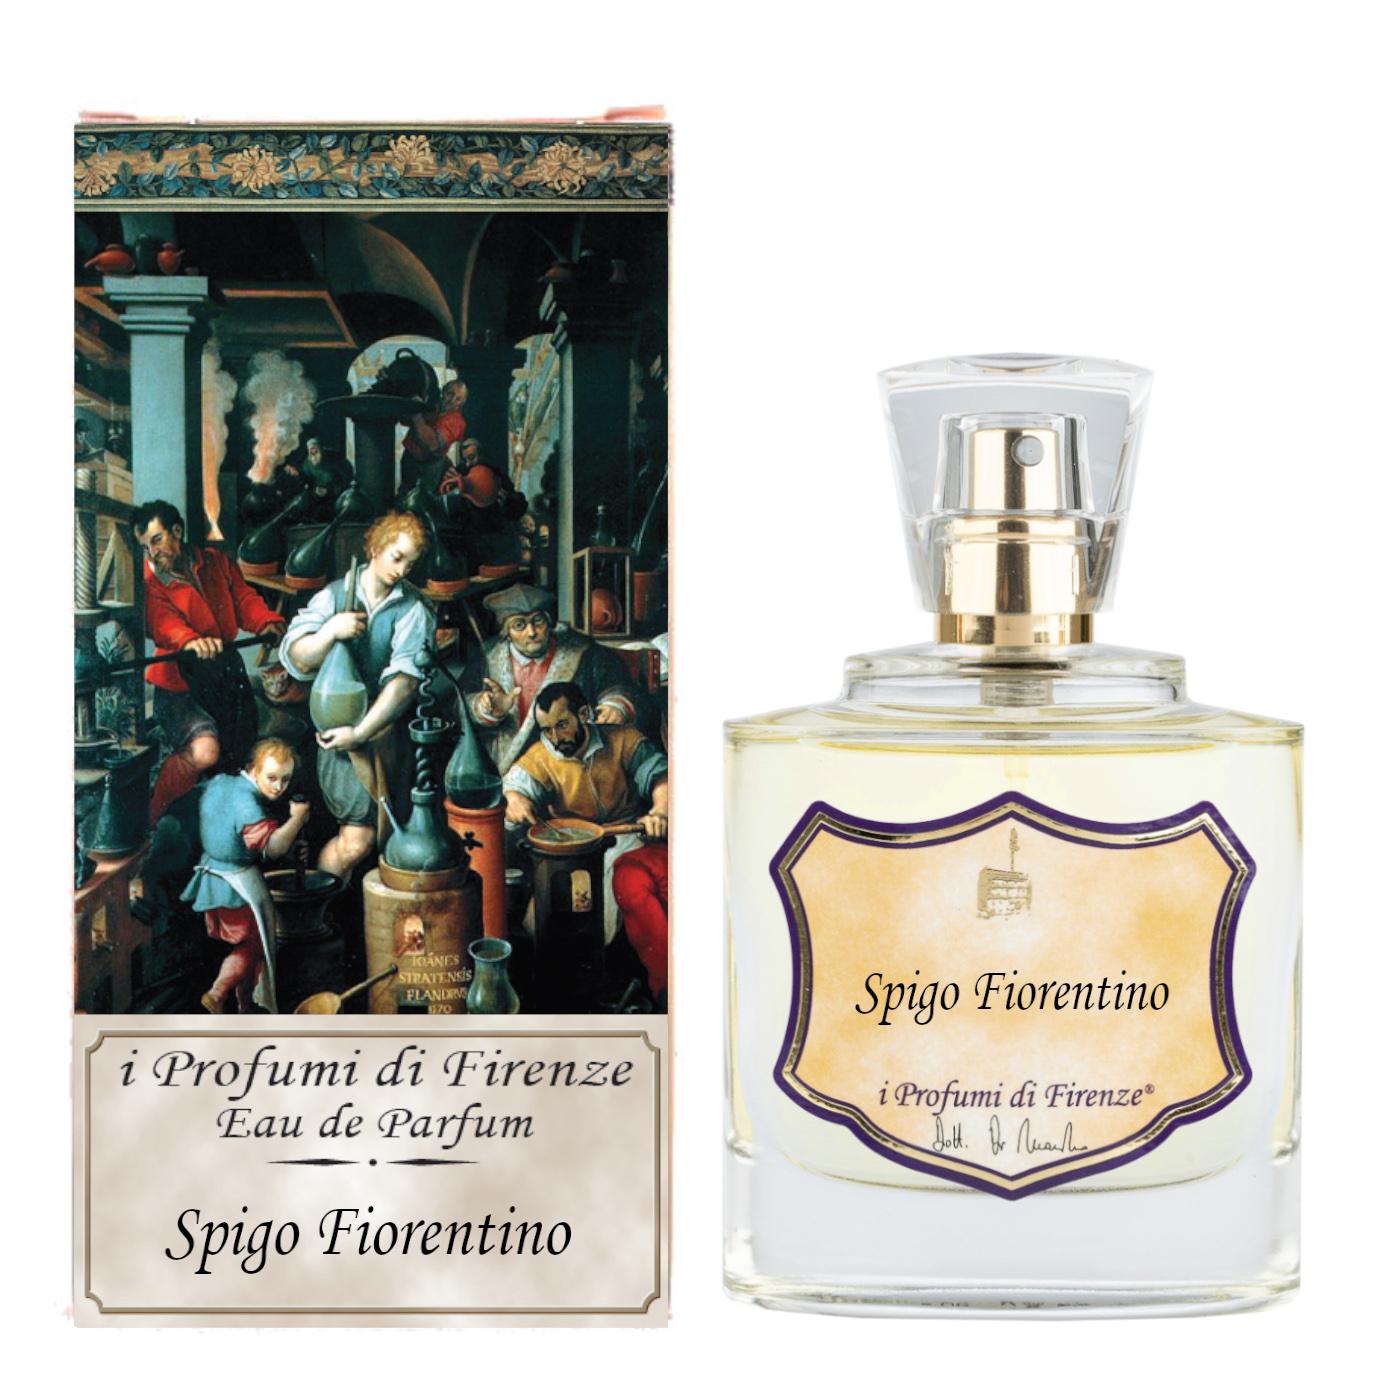 SPIGO FIORENTINO - Eau de Parfum-4096